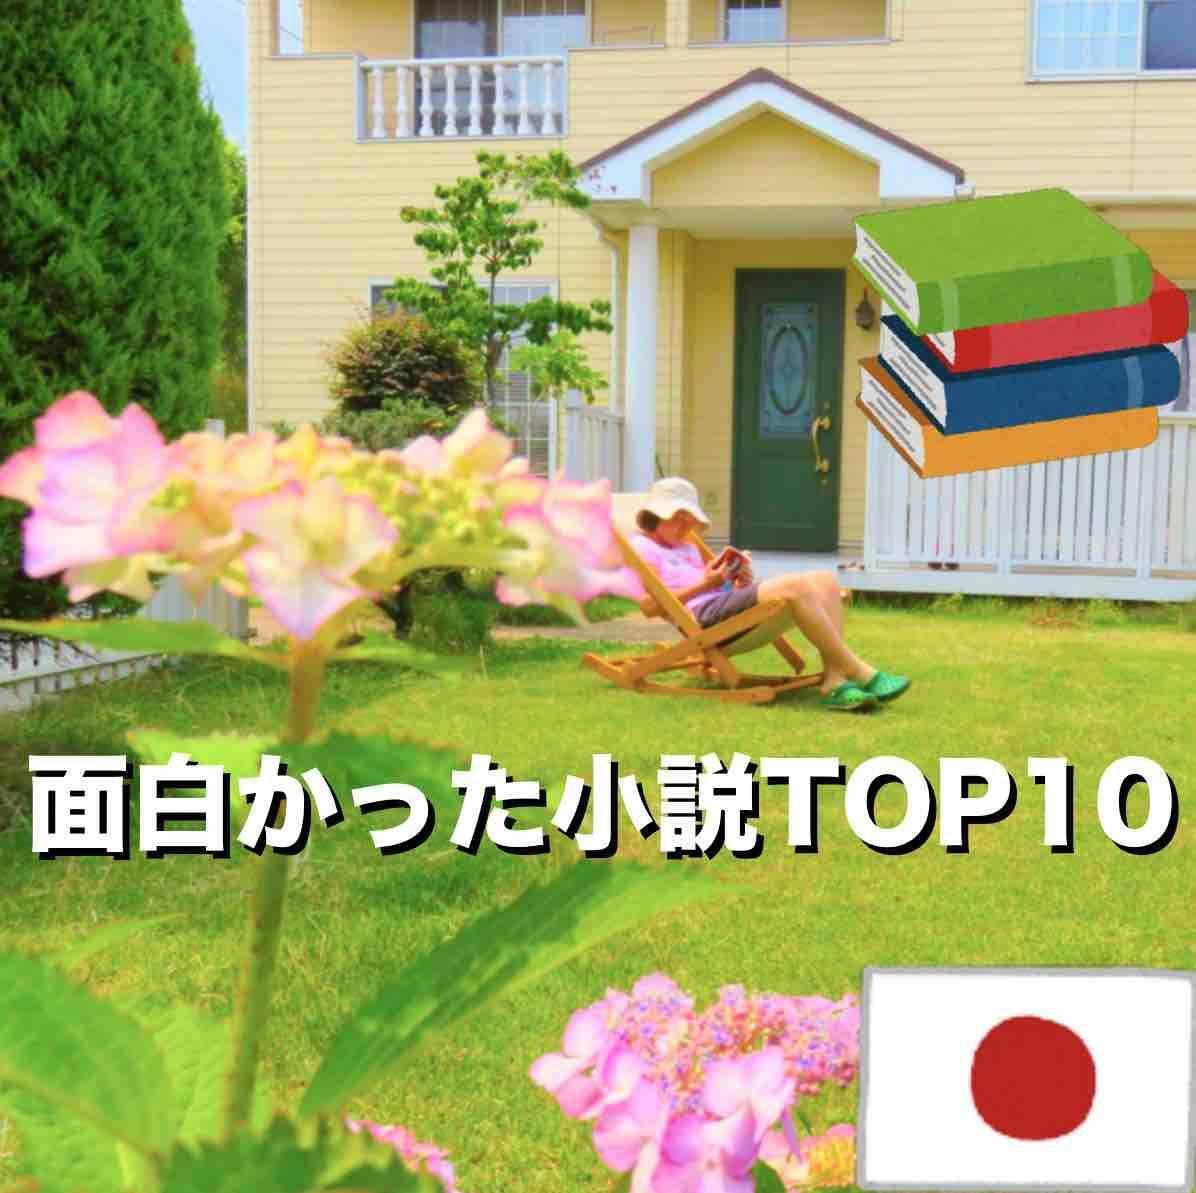 f:id:kaedetaniyoshi:20200413001320j:plain